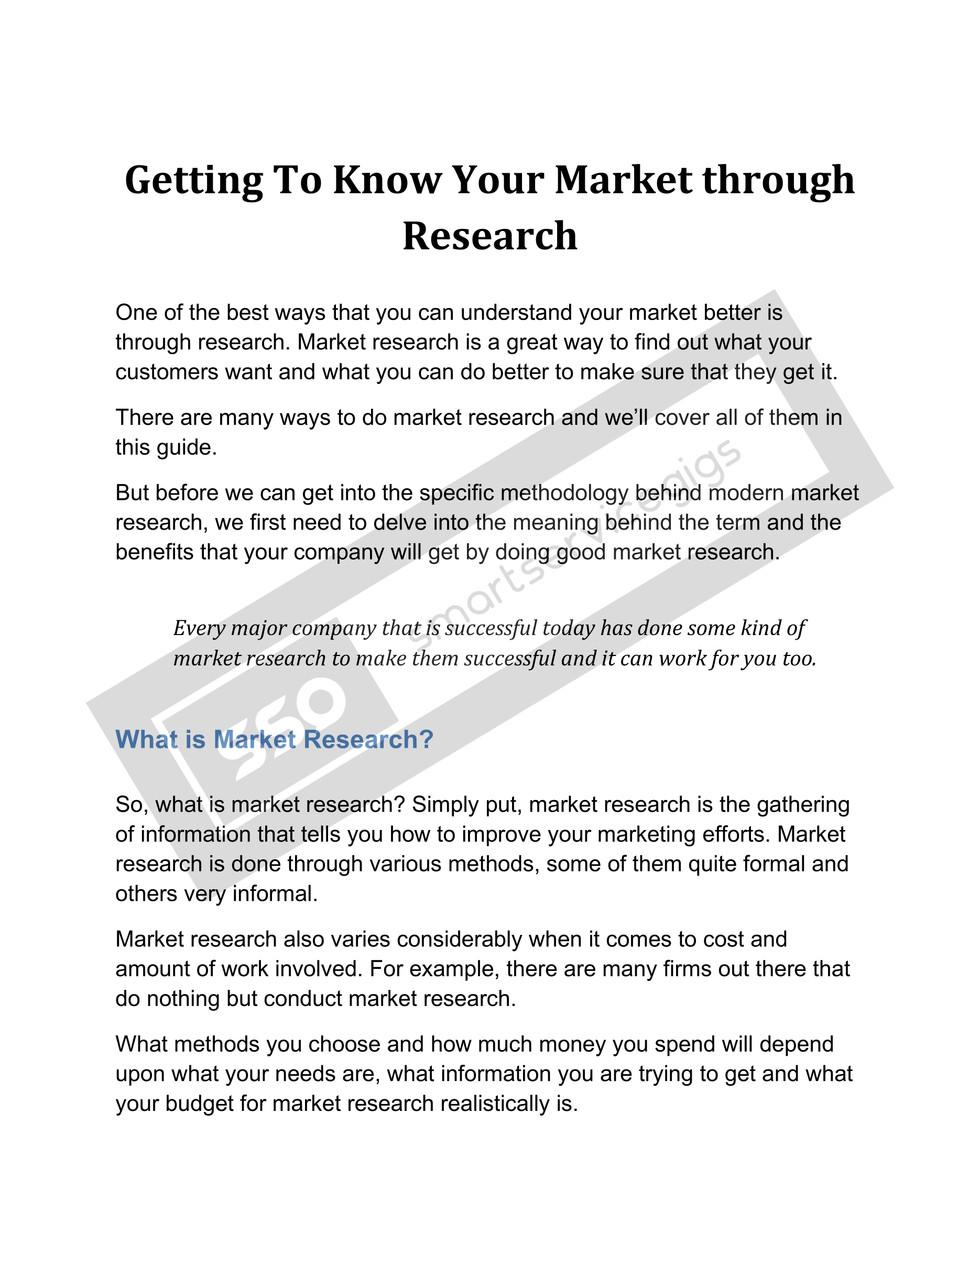 1-PDF Image Watermark 2.jpg